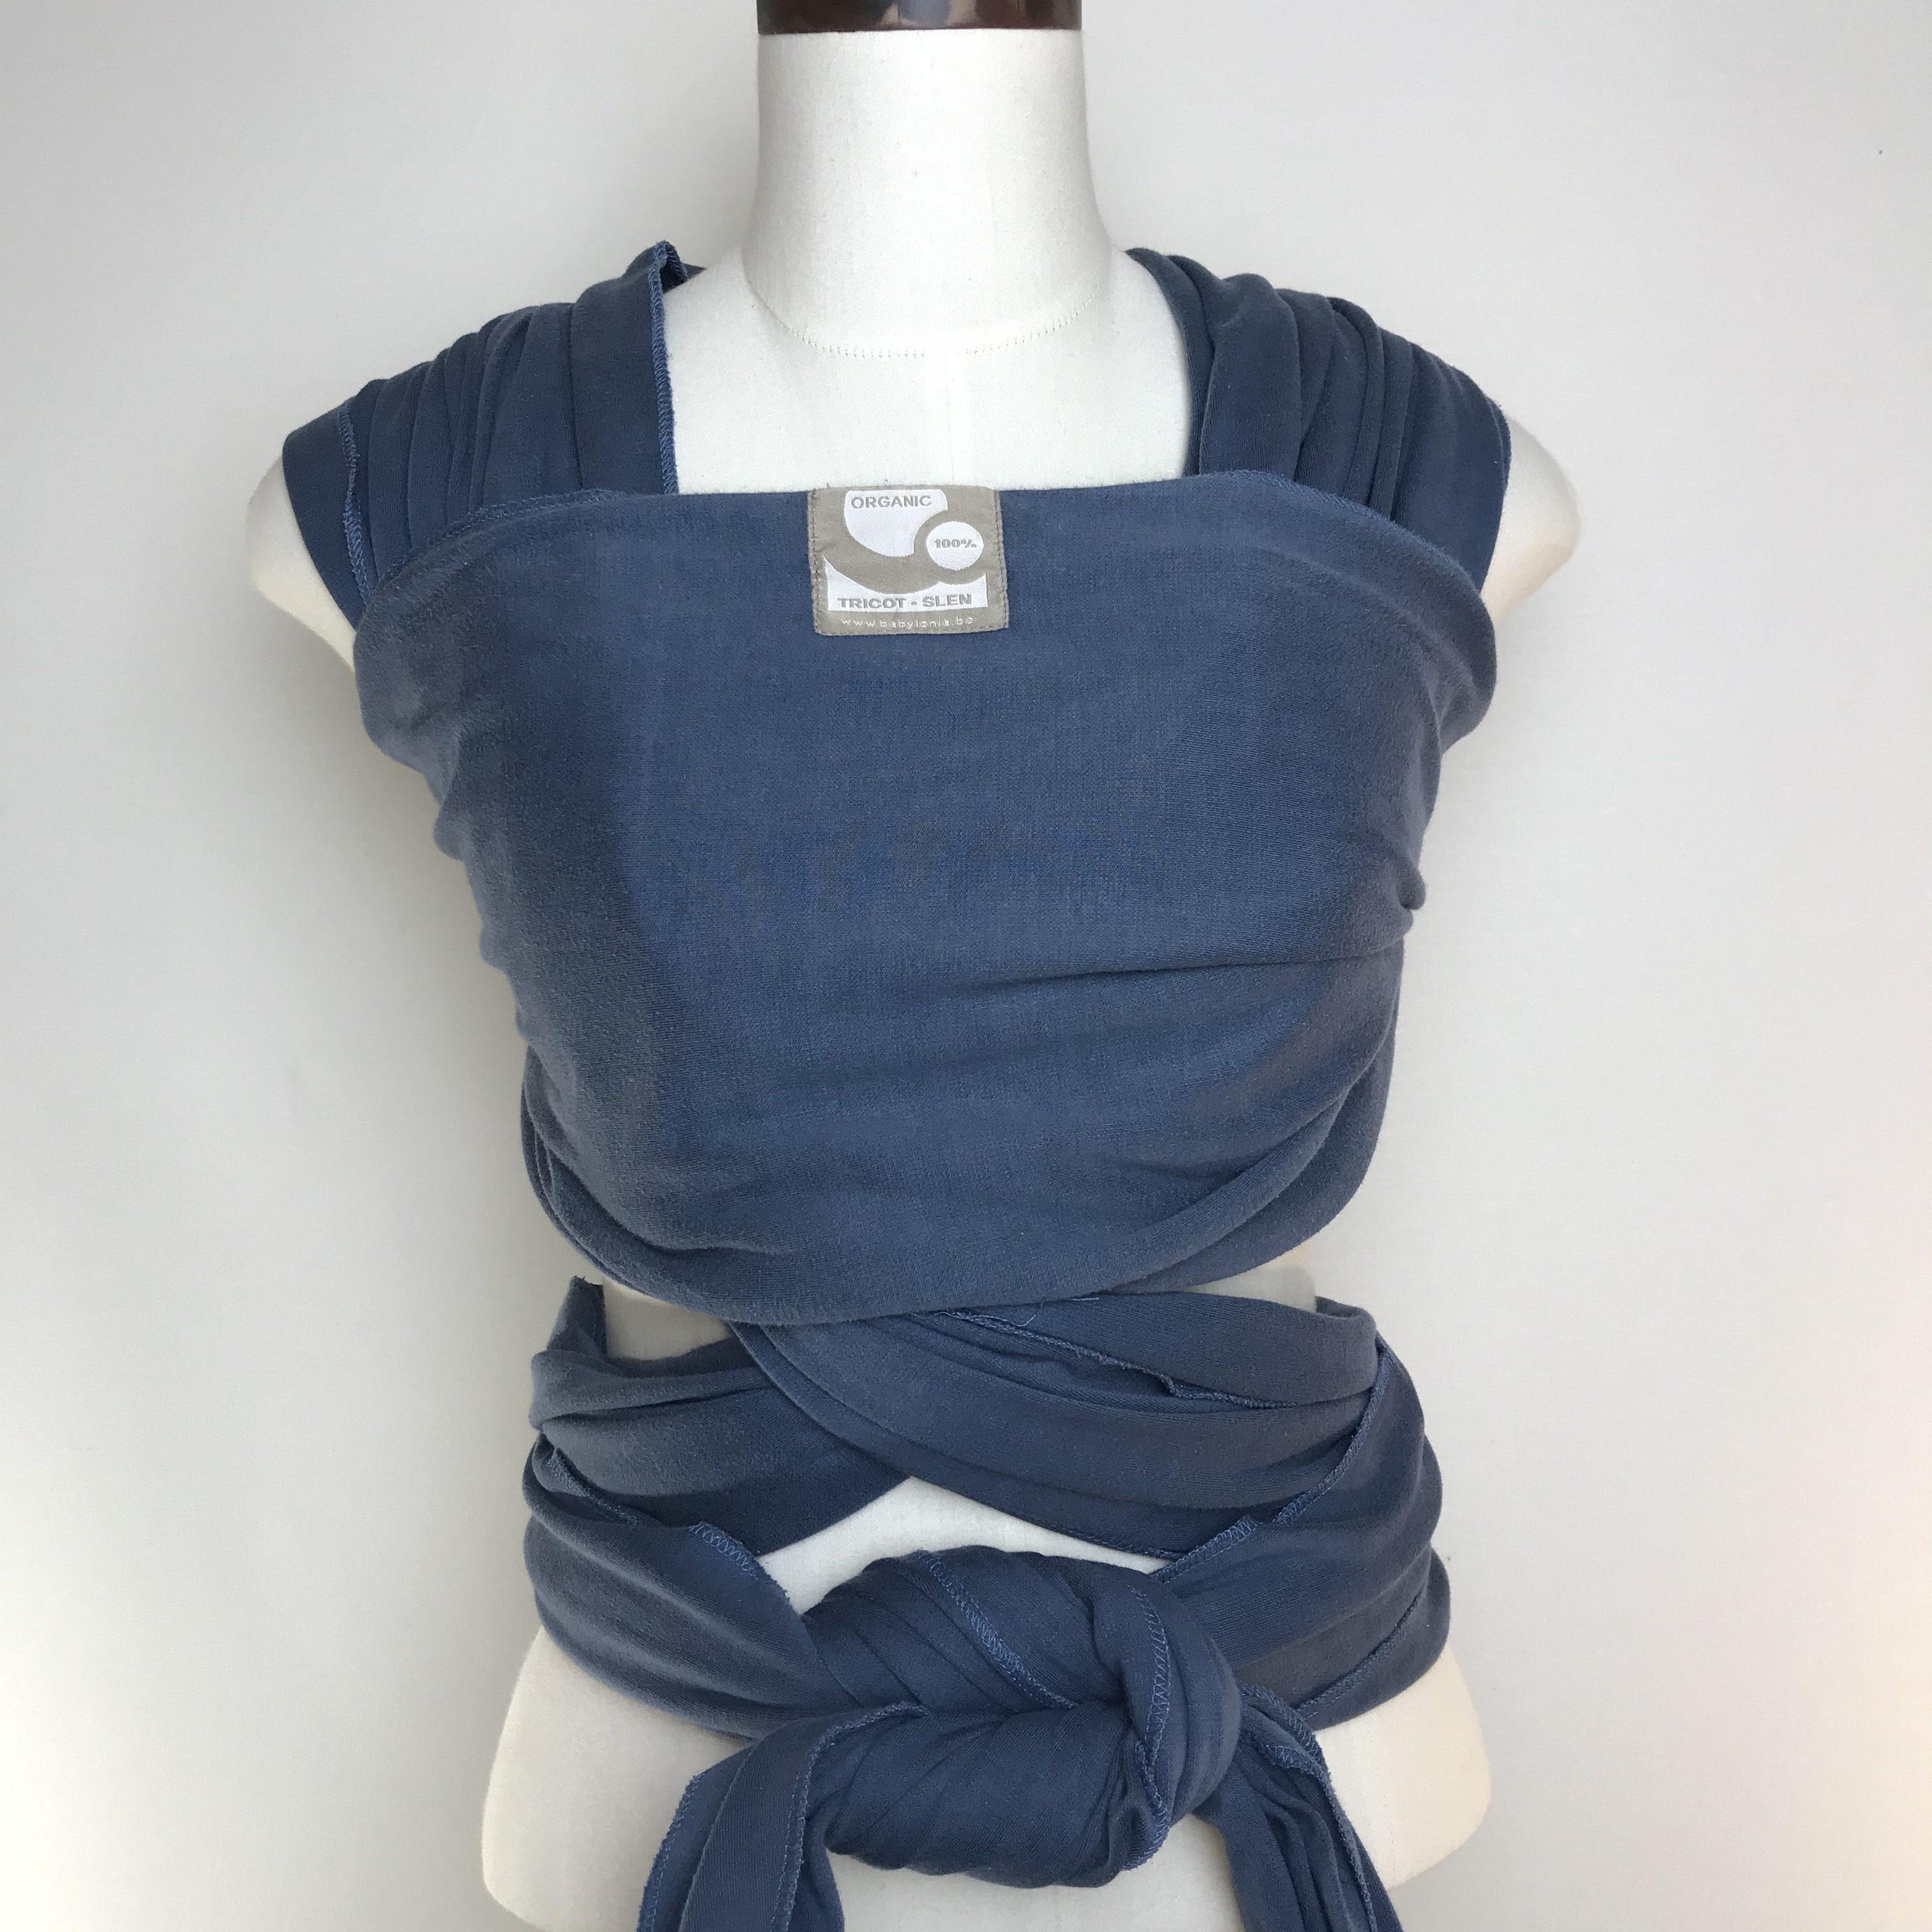 draagdoek te huur babylonia tricot slen jeans blue